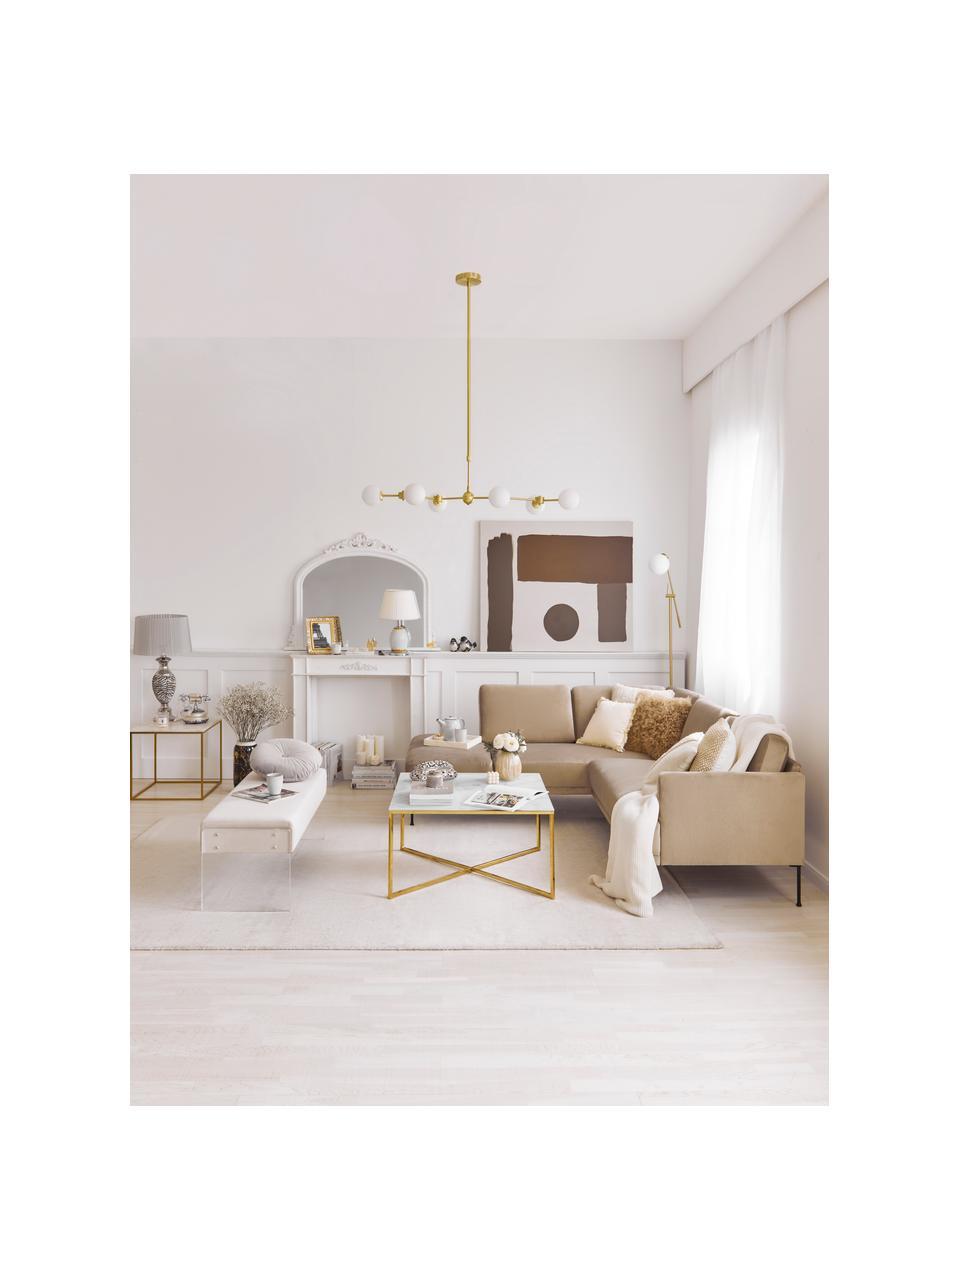 Grote hanglamp Aurelia goudkleurig, Baldakijn: vermessingd metaal, Wit, messingkleurig, 110 x 68 cm